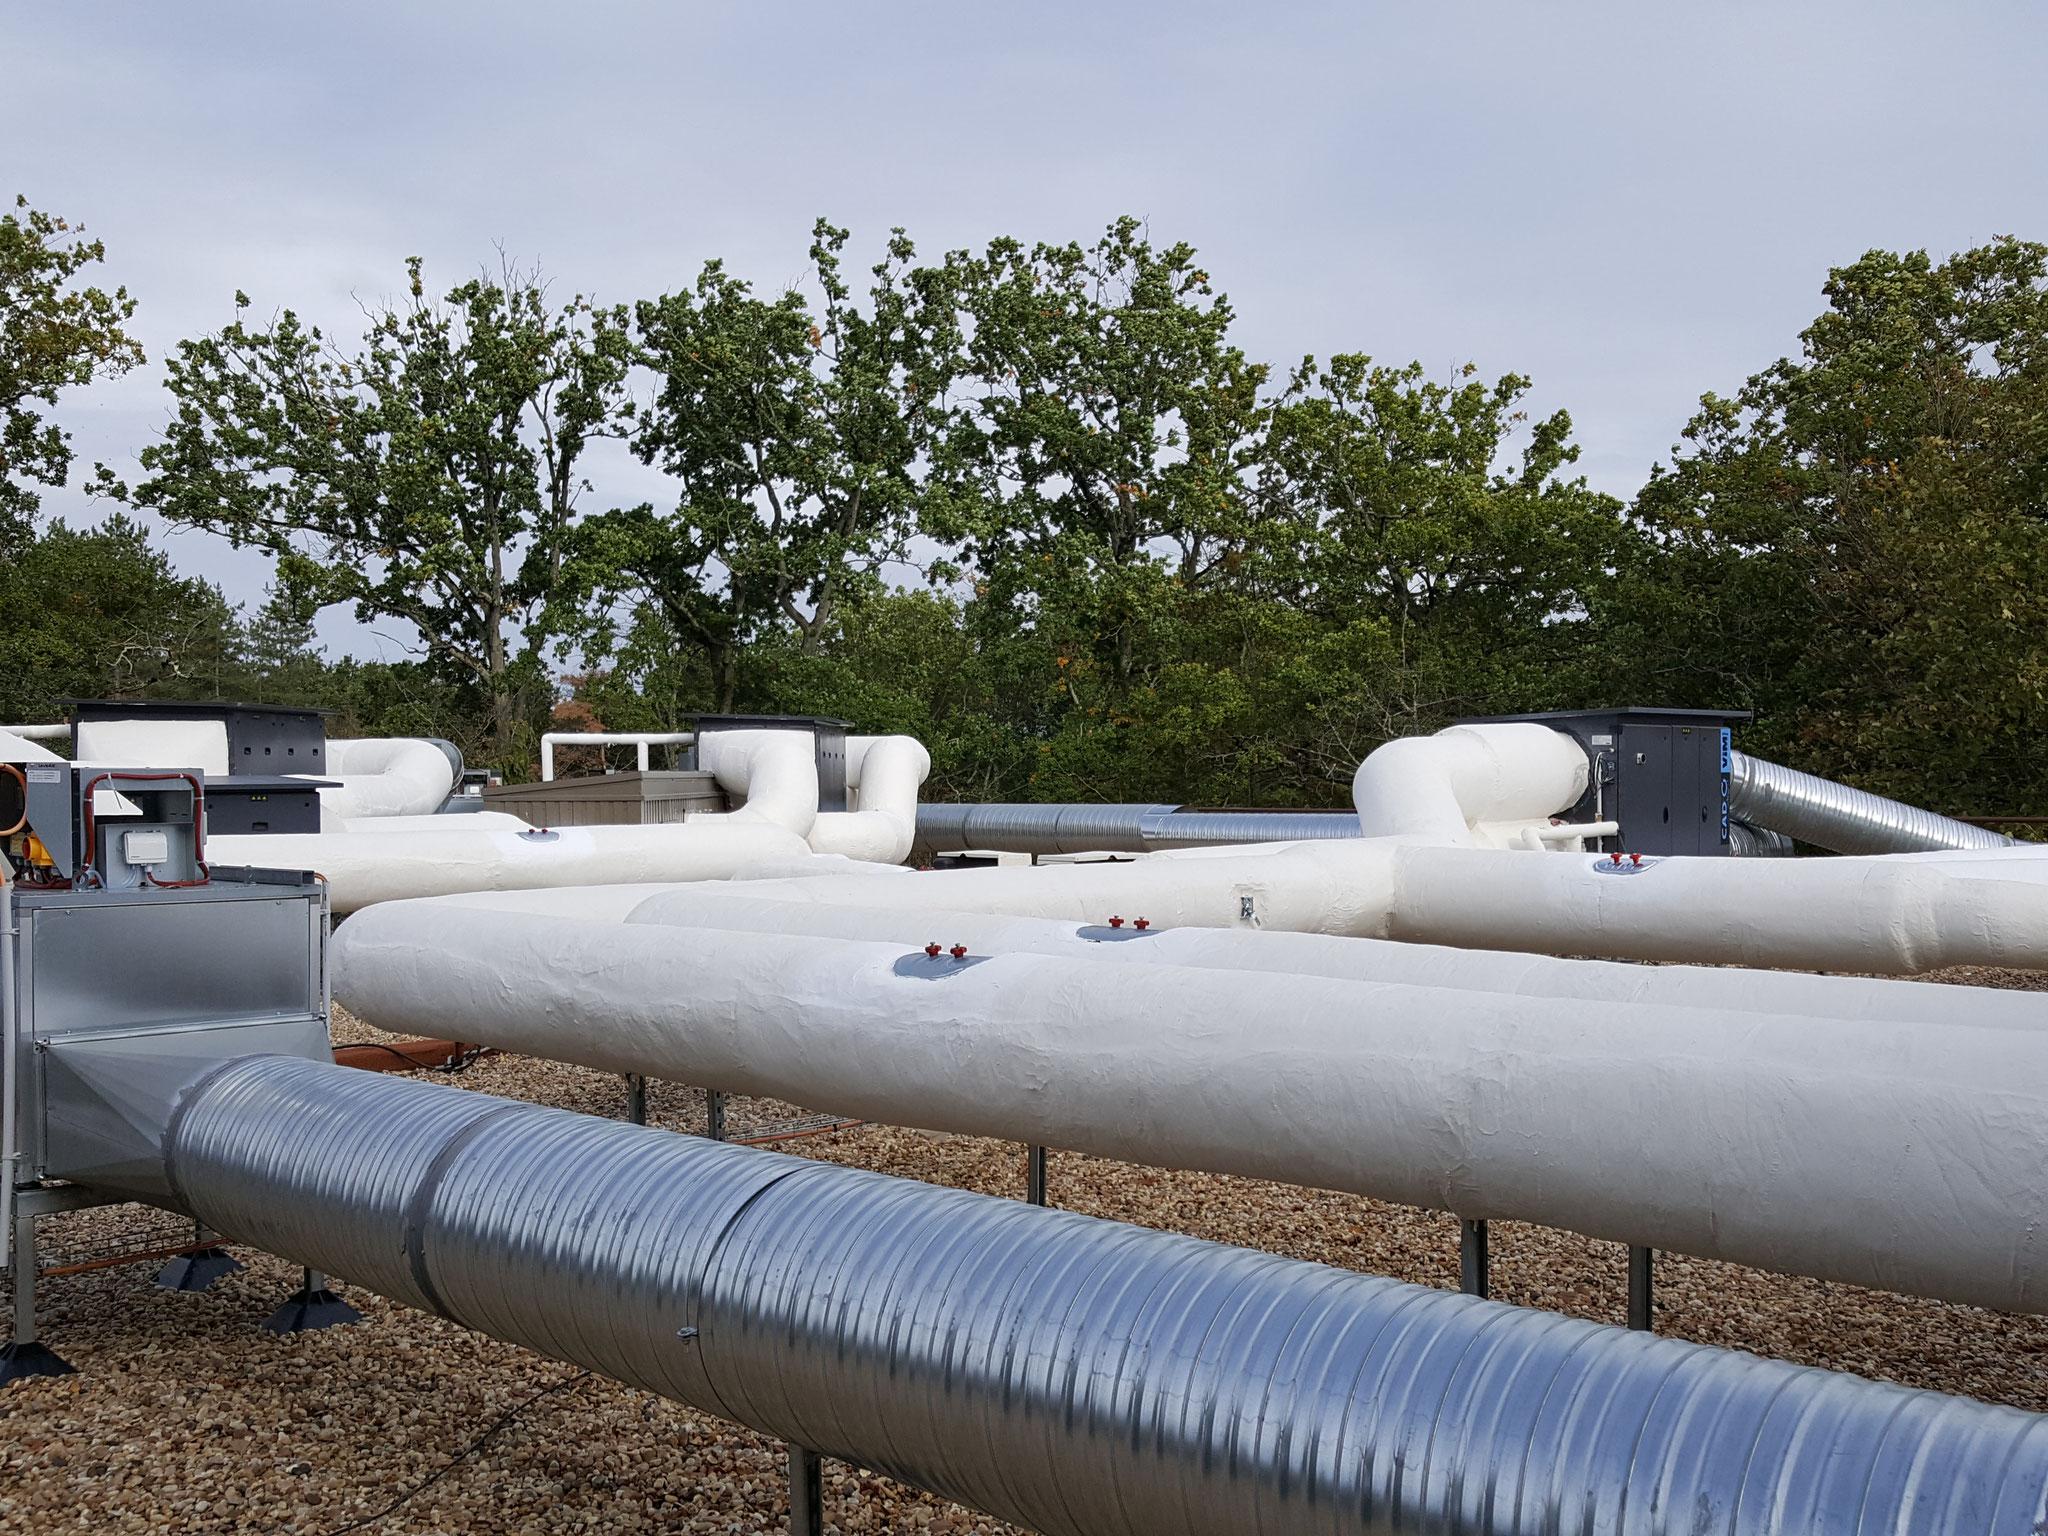 Vue d'ensemble sur 3 centrales de traitement d'air